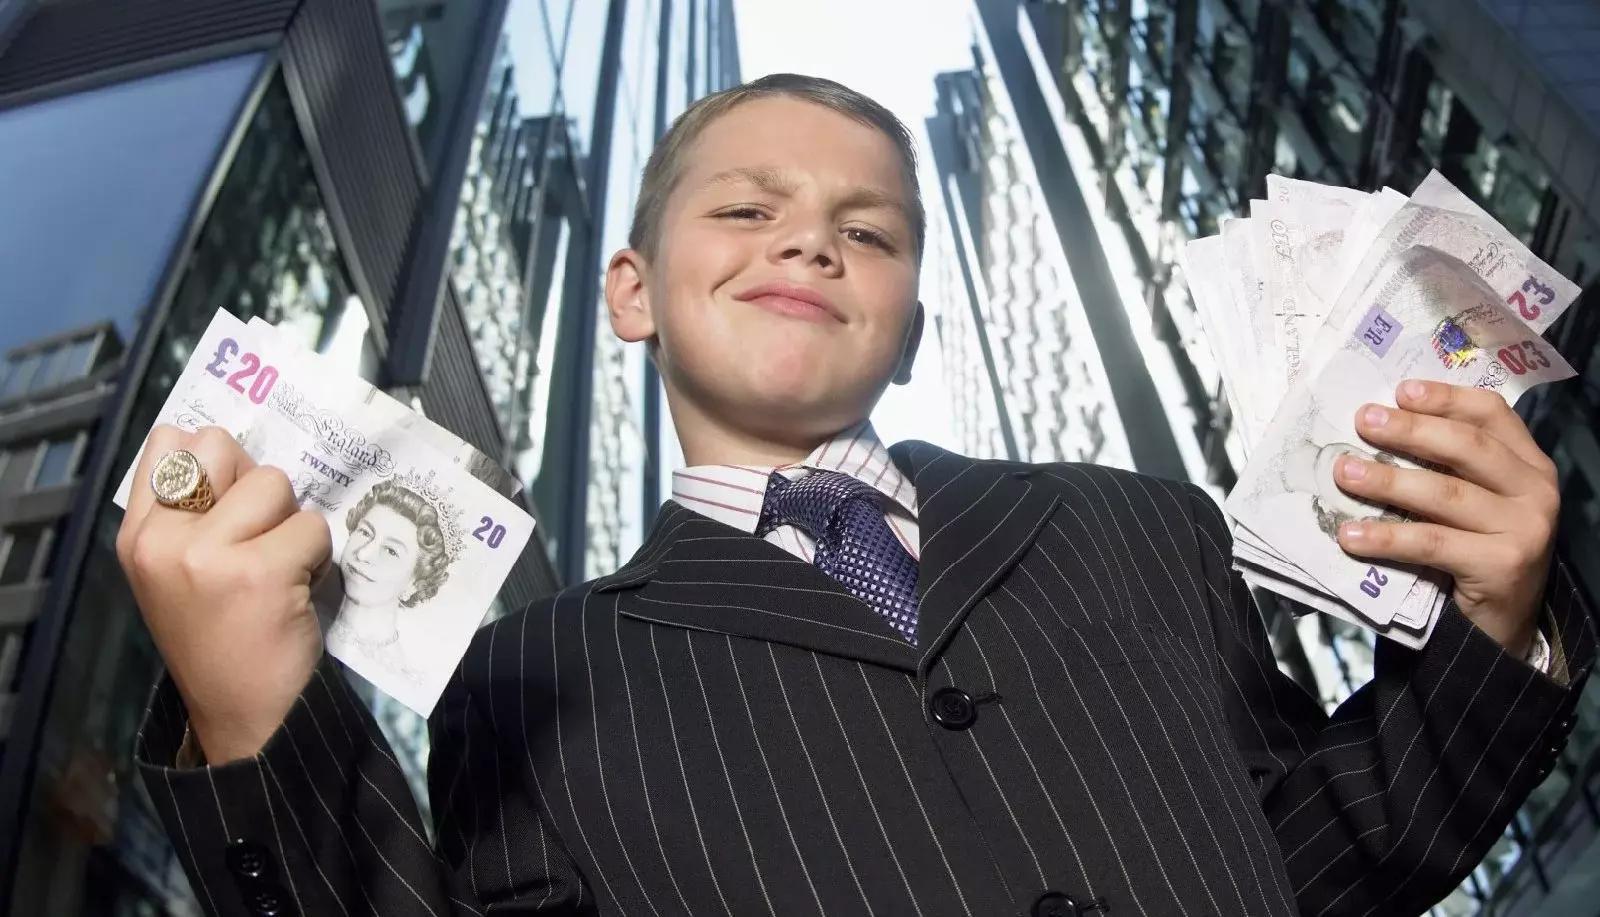 Челябинский школьник одержал победу 1,5 млн руб. влотерею